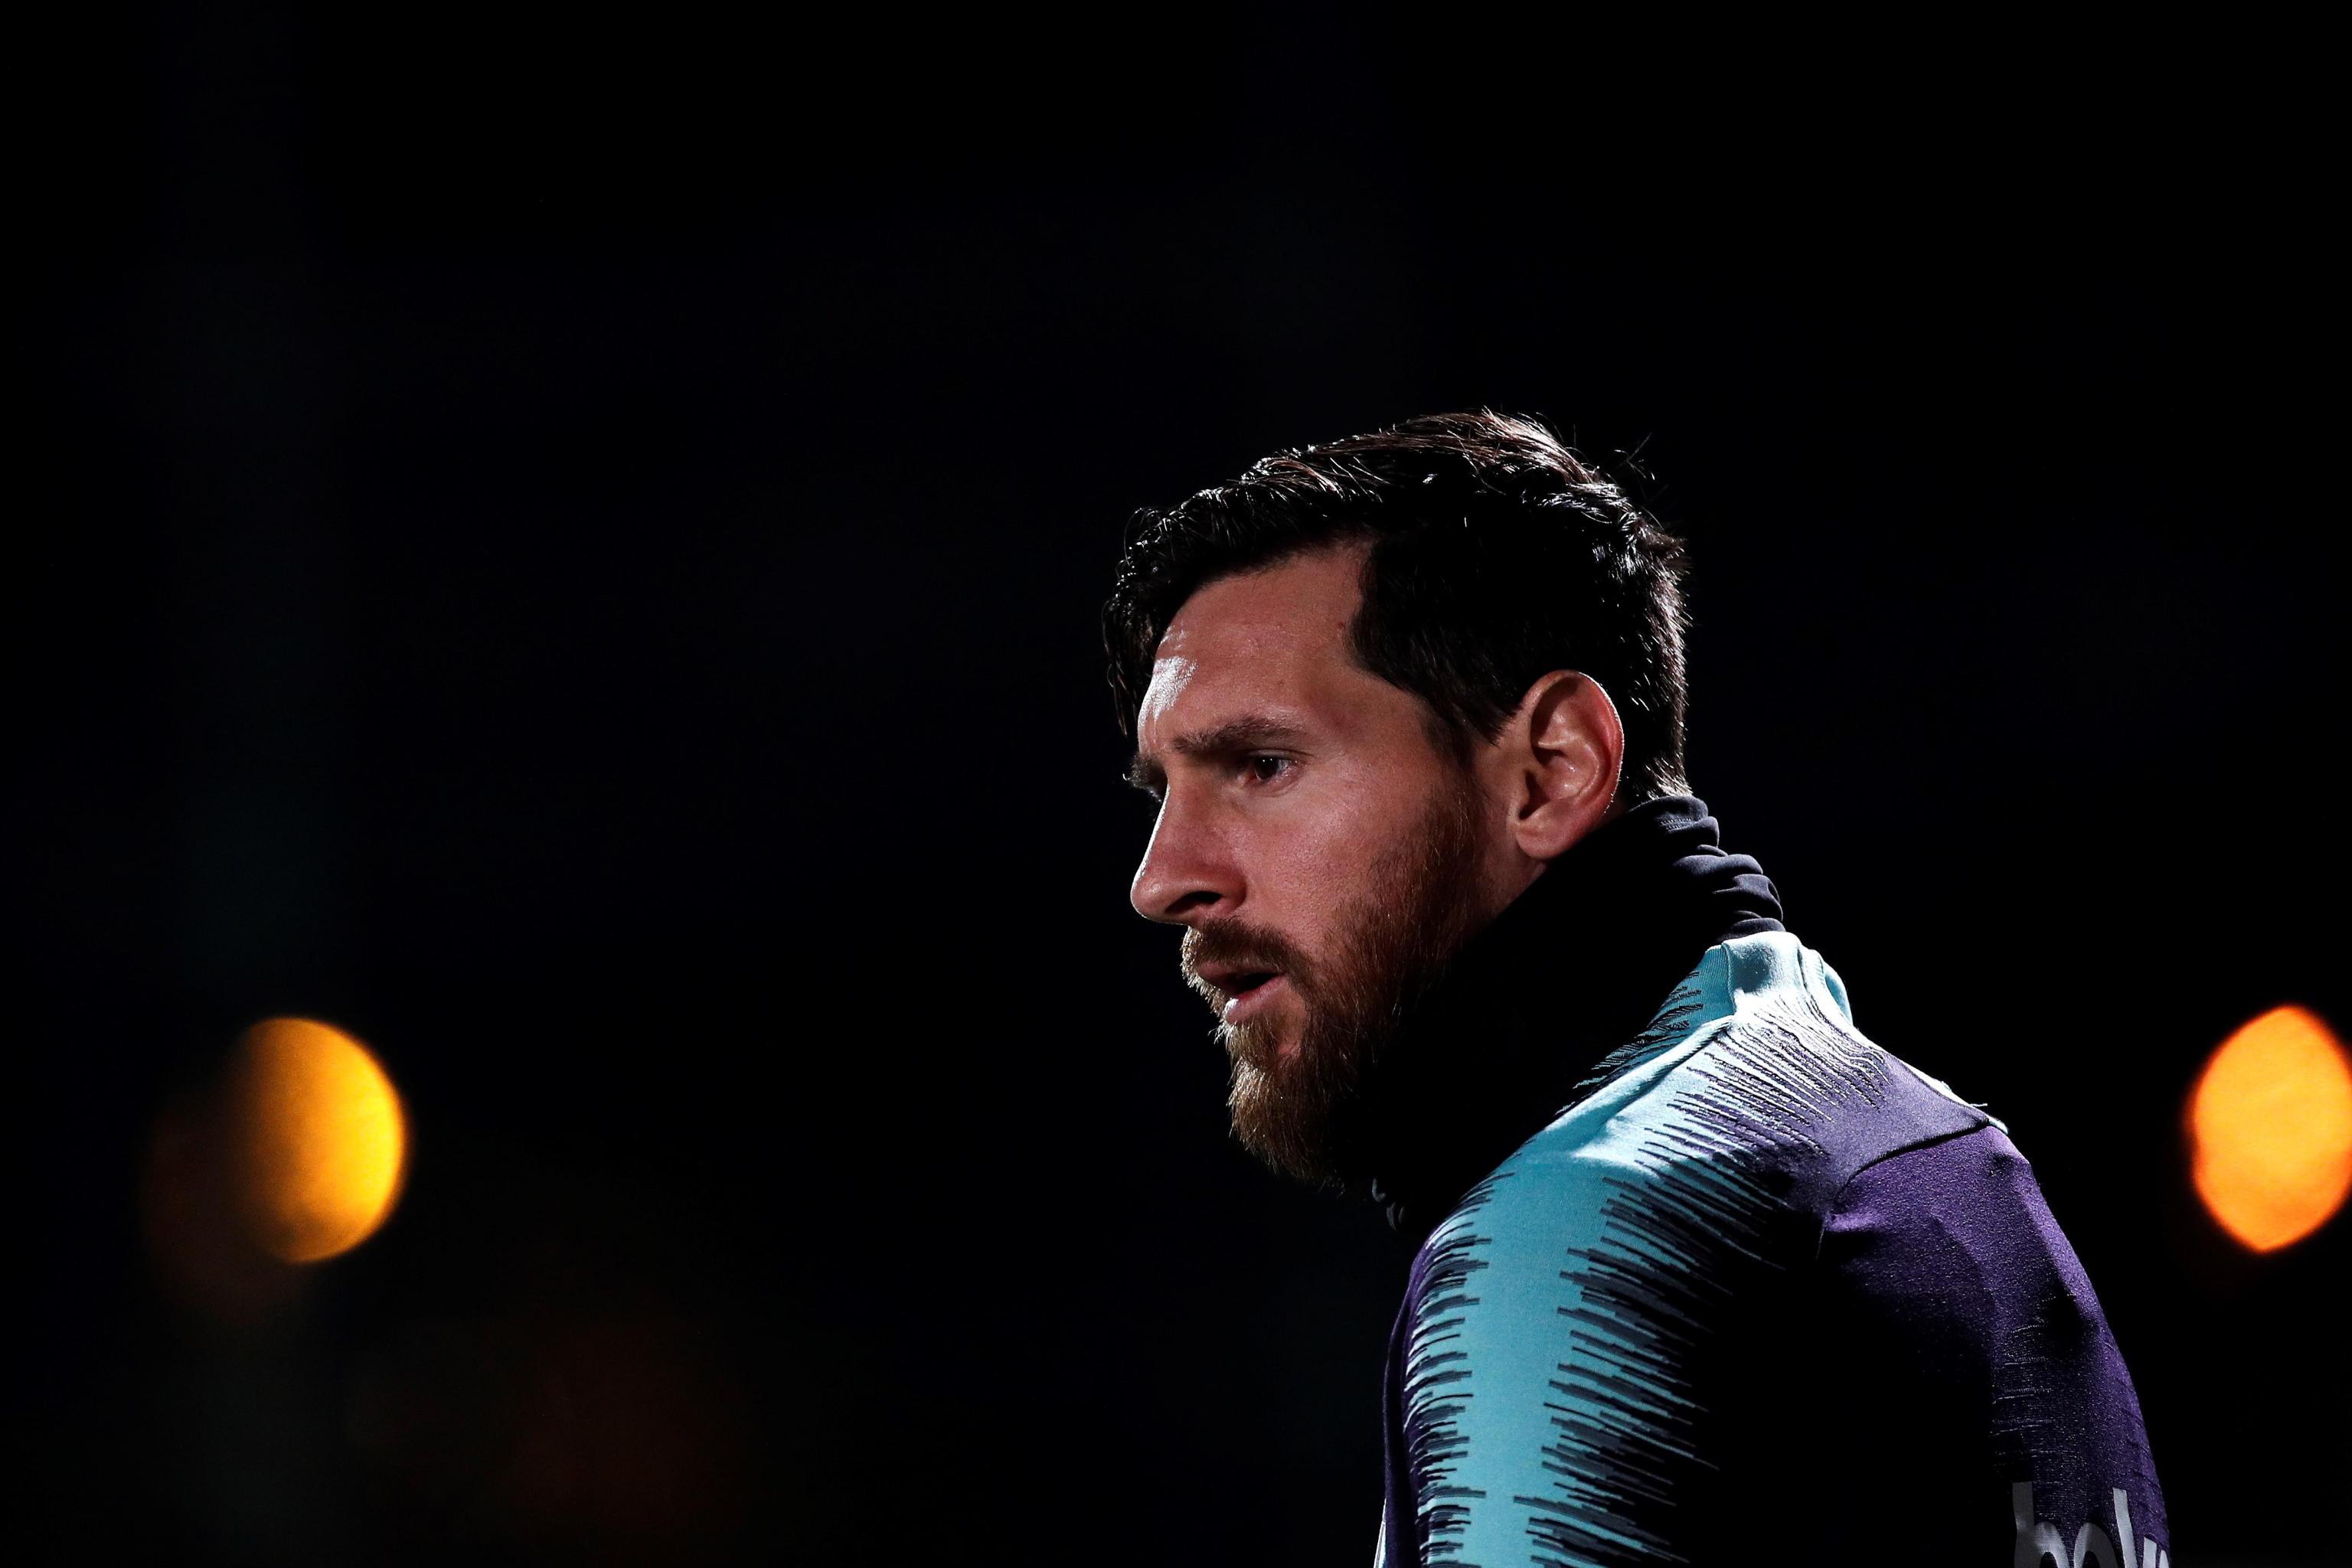 Dalle lacrime al gol: Dybala rientra e si prende la Juve.